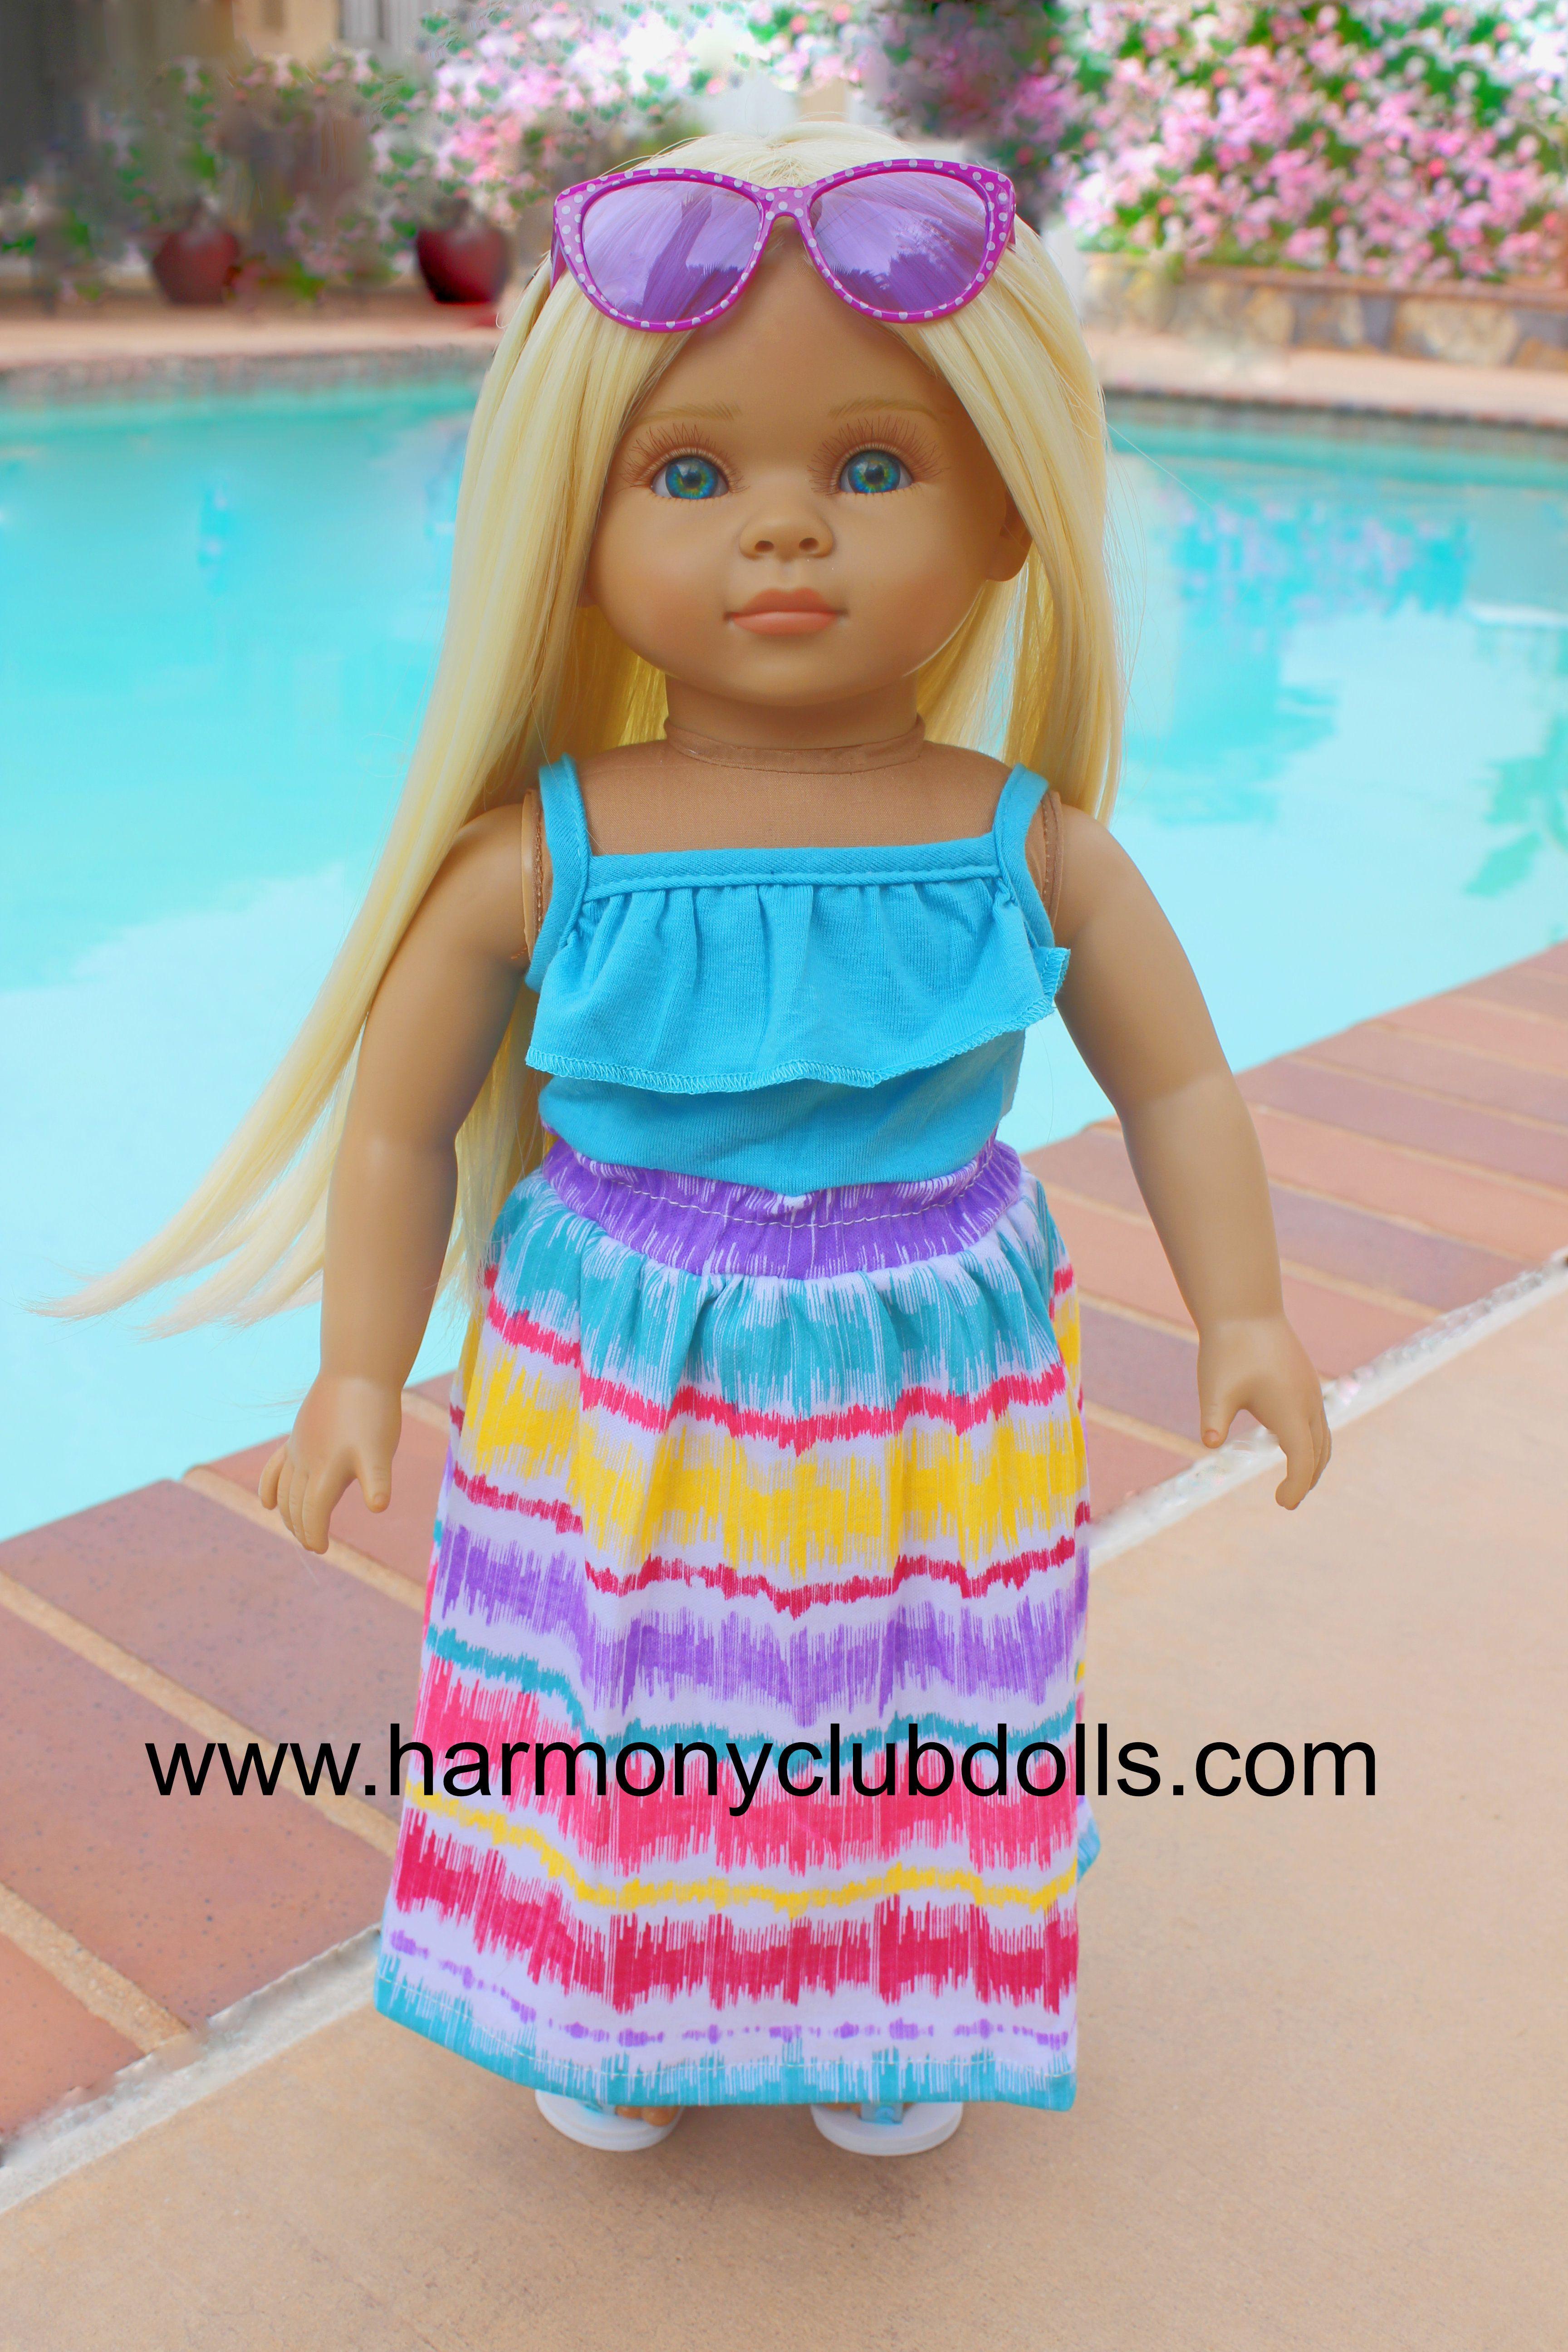 """HARMONY CLUB DOLLS 18"""" Dolls and 18"""" Doll clothes www.harmonyclubdolls.com"""